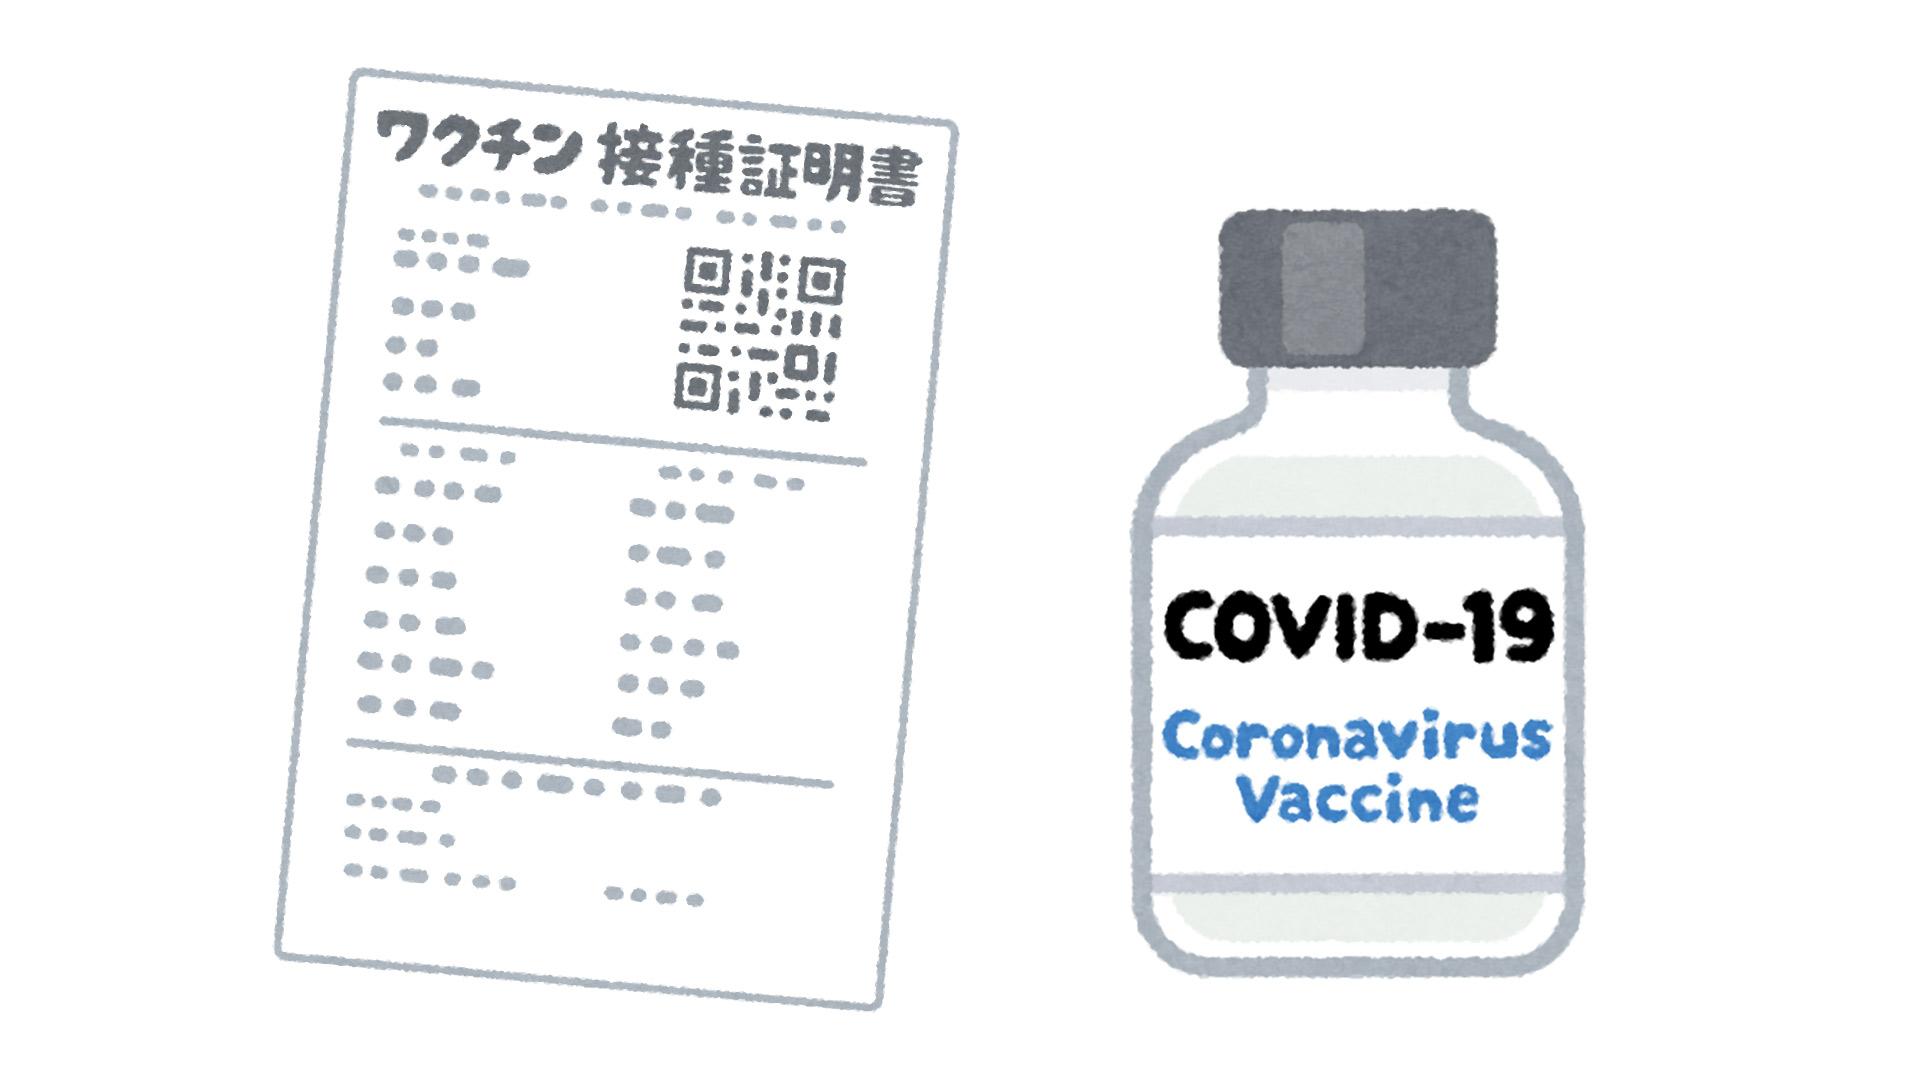 新型コロナ ワクチン2回目の接種が無事に終了する。(ファイザー製。副作用(副反応)無し)